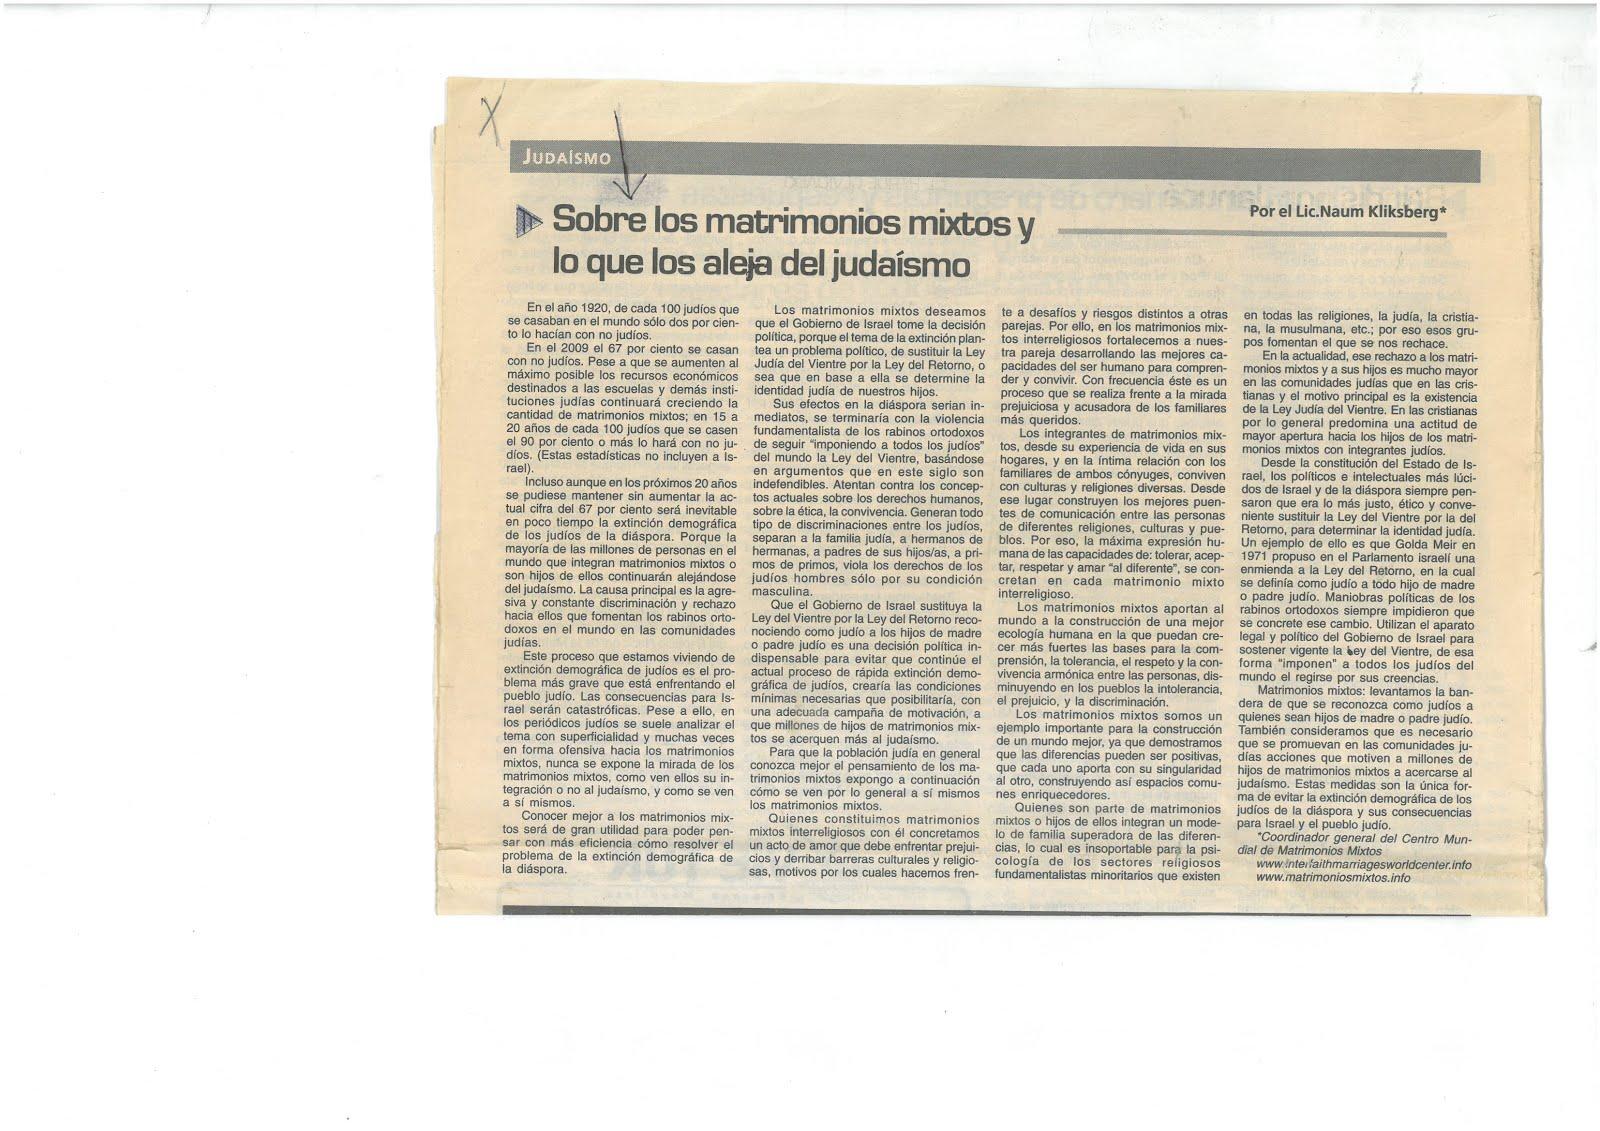 54 - Periódico Mundo Israelita. Argentina.08/01/2010. Artículo de Naum Kliksberg.